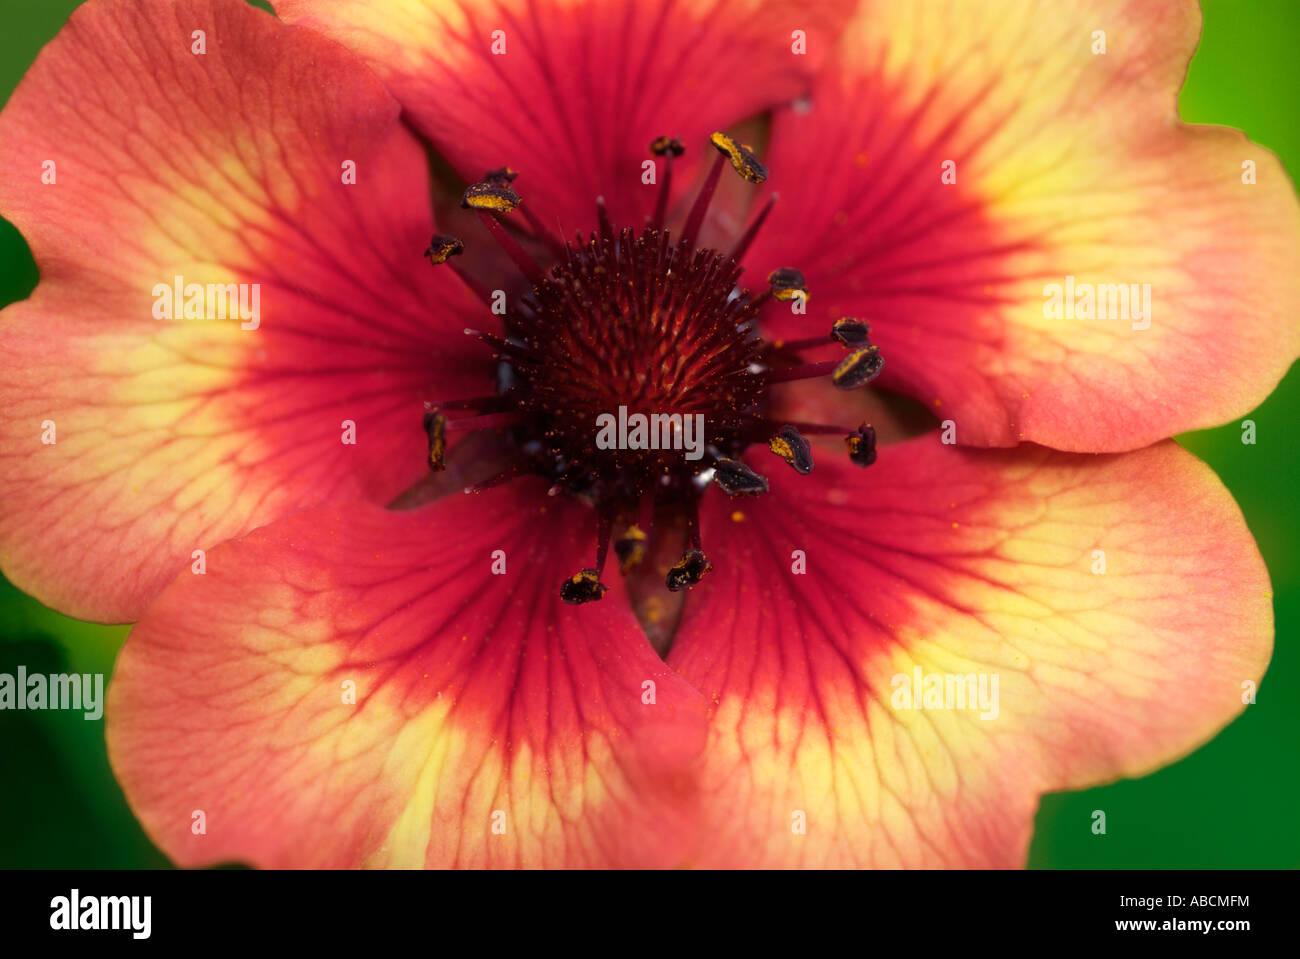 Señora Geum Bradshaw, la cabeza de la flor perenne resistente macro closeup cerrar detalle pétalos flowerhead garden UK Inglaterra Britai británico Foto de stock